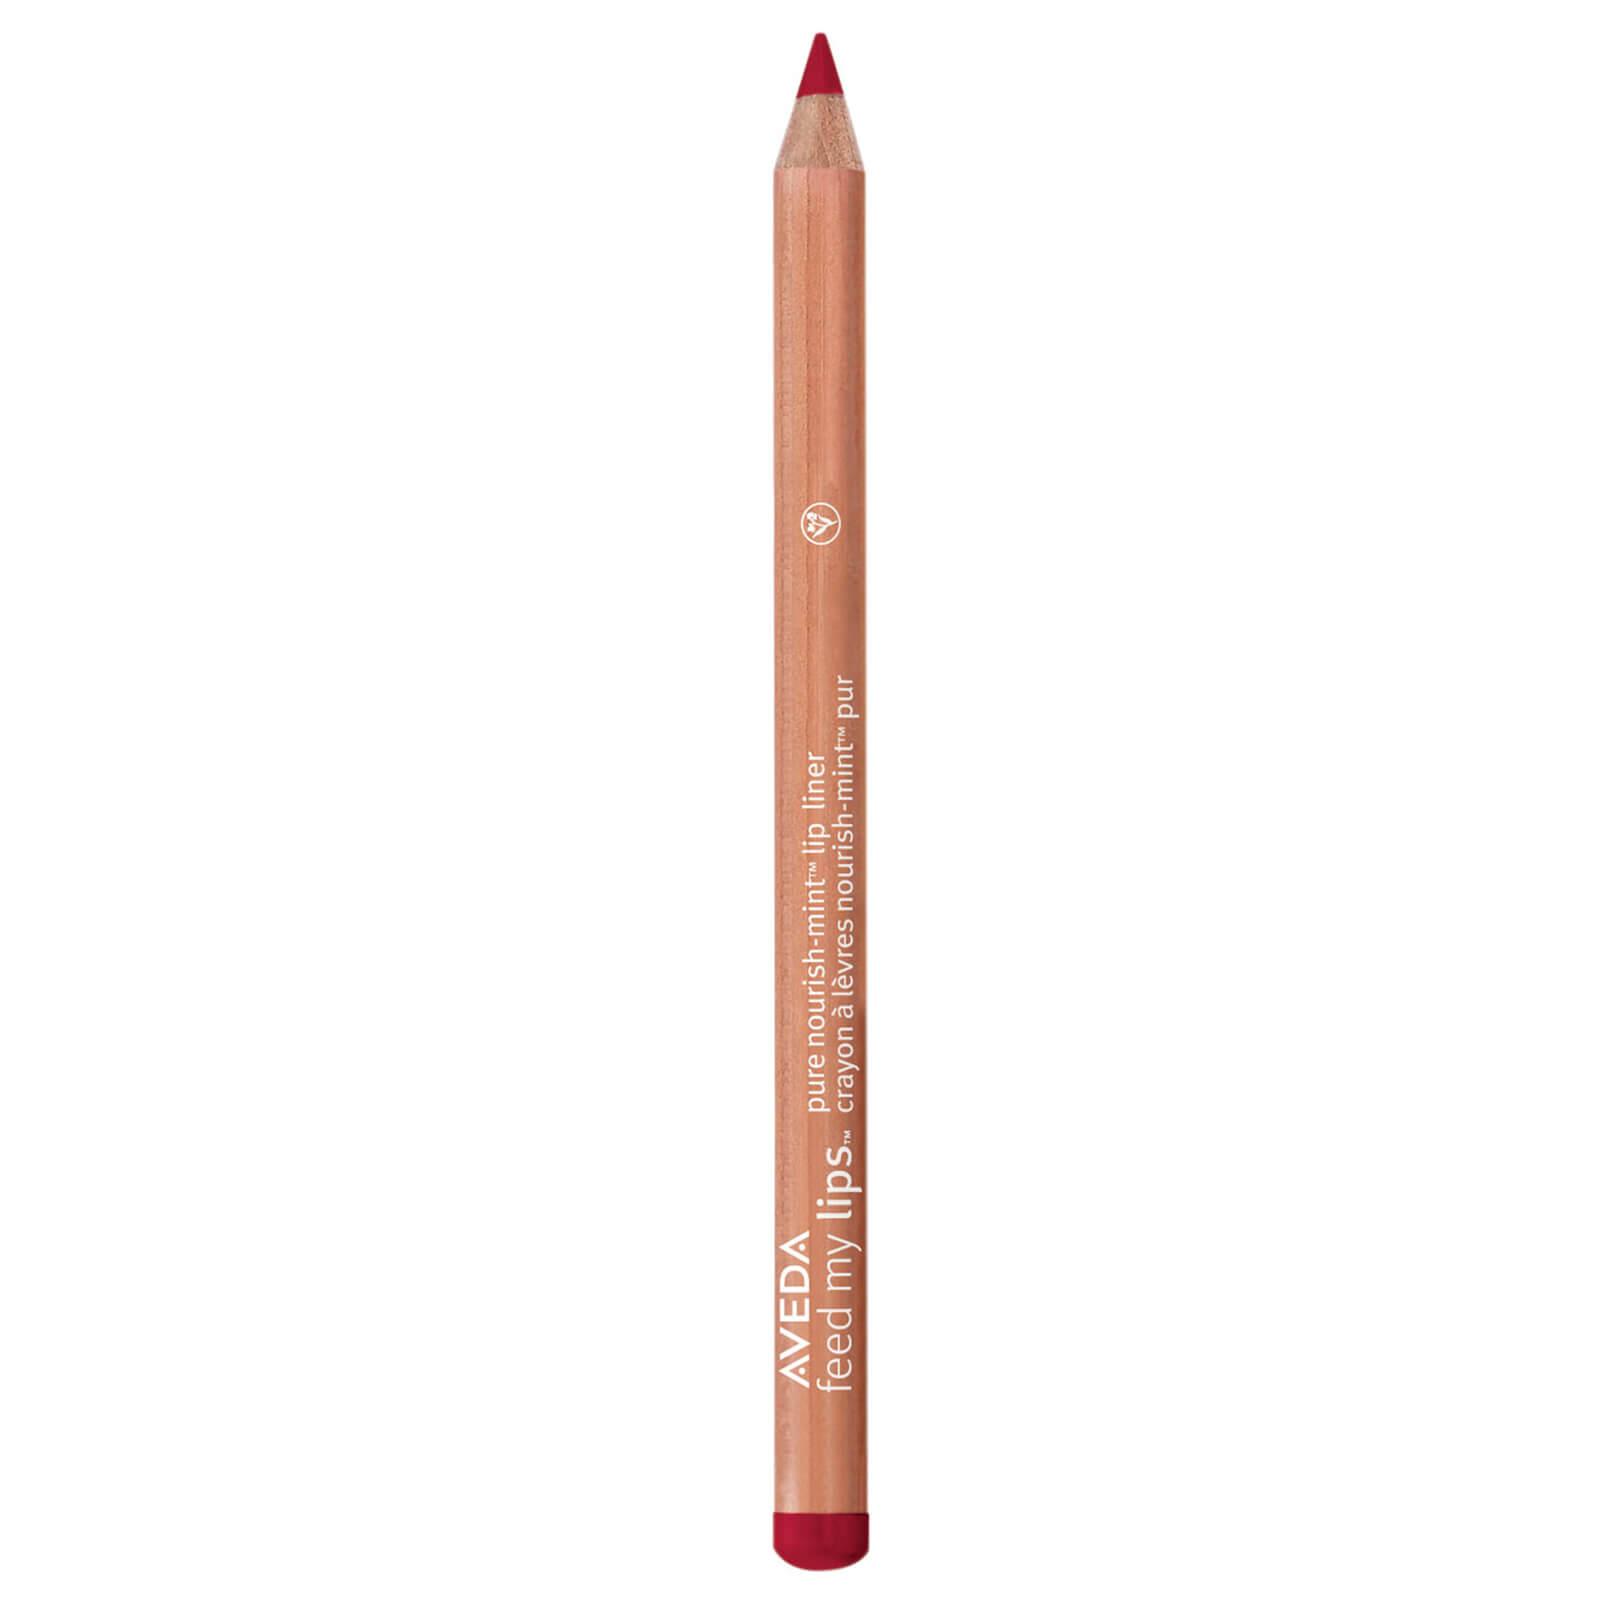 Aveda Perfilador de labios Feed My Lips Pure Nourish-Mint de Aveda - Tono Granada